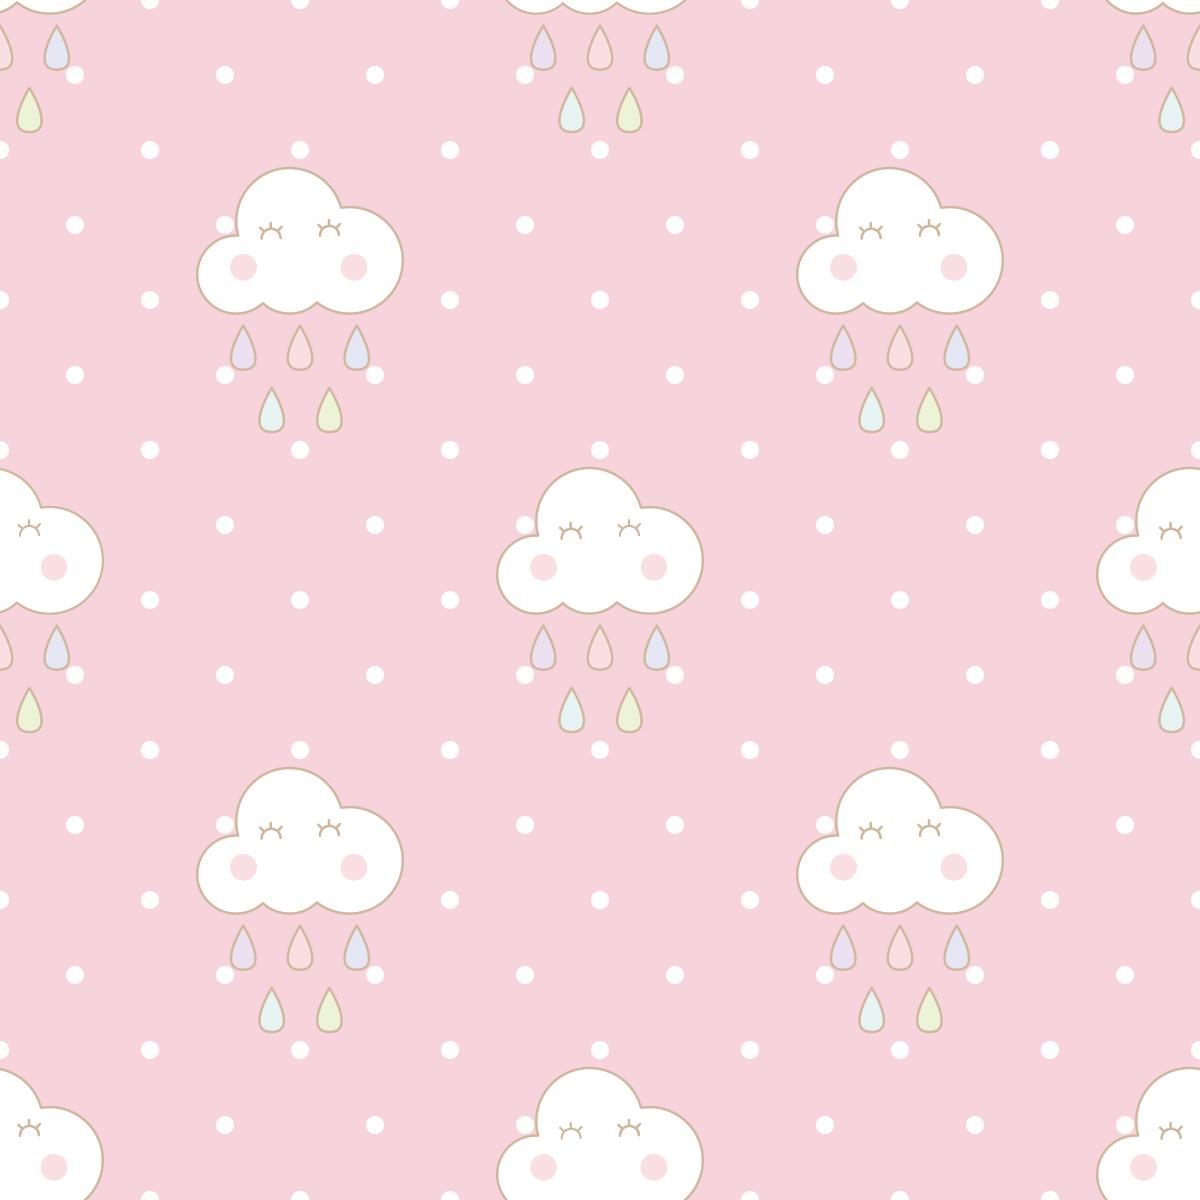 Papel de Parede Nuvens Bebê Poa Chuva Adesivo